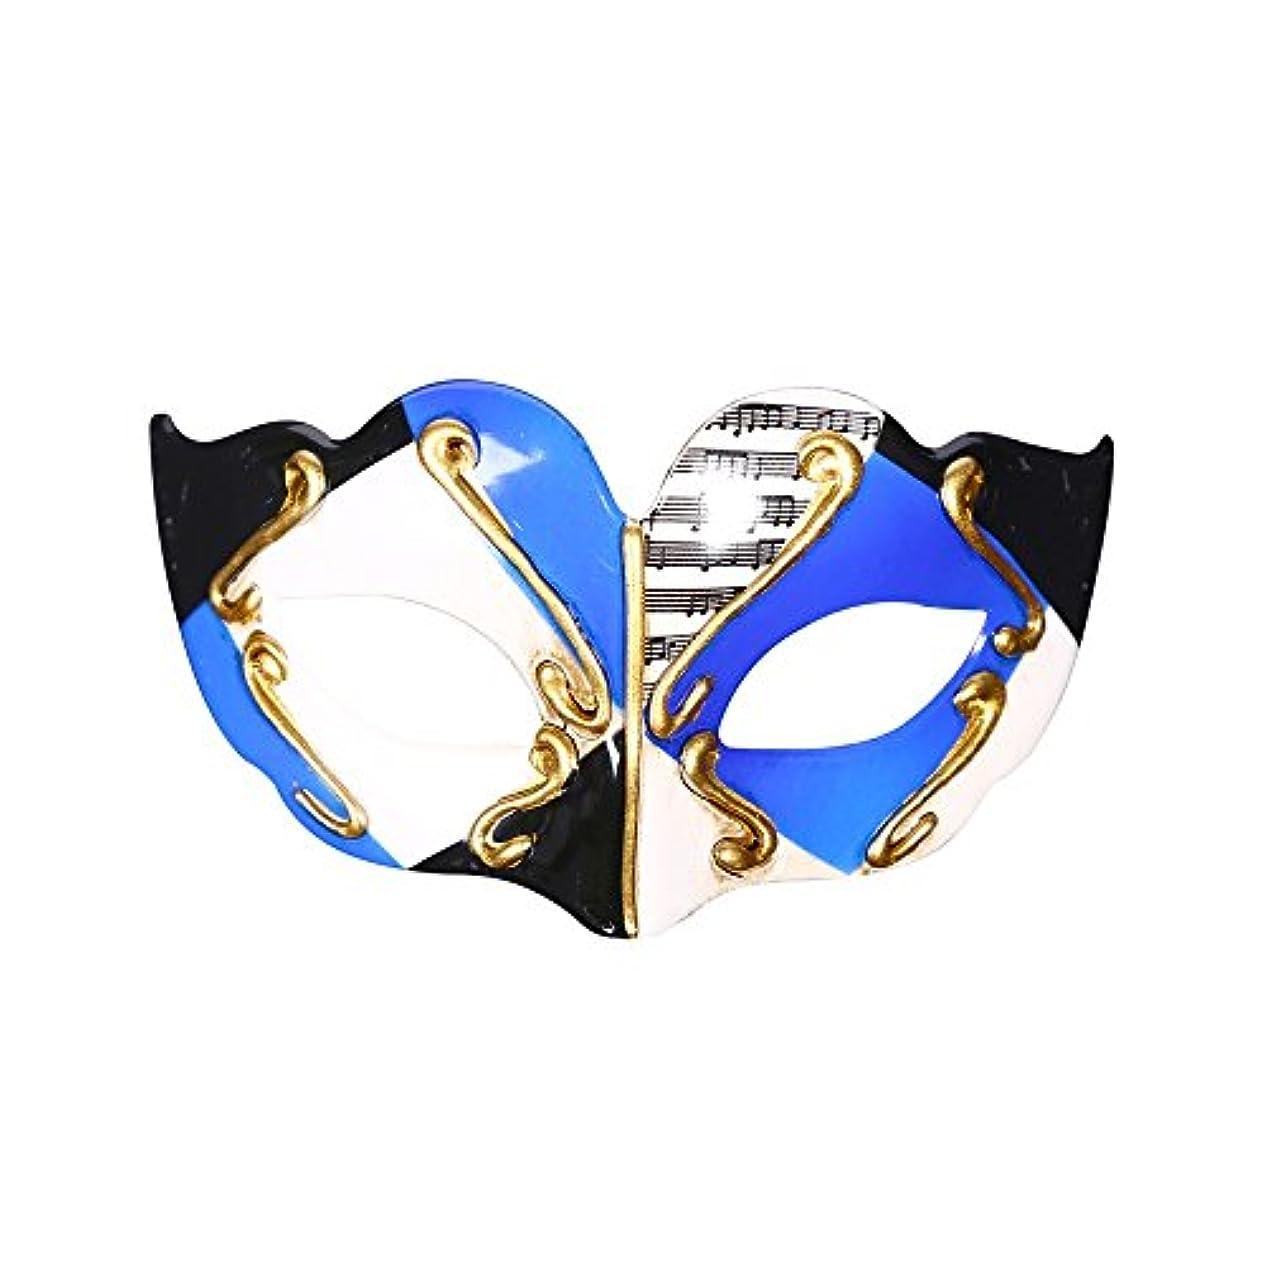 パノラマスタイル骨髄ハロウィーン仮面舞踏会マスクフラットヘッド半顔ハードプラスチック子供のマスク (Color : A)